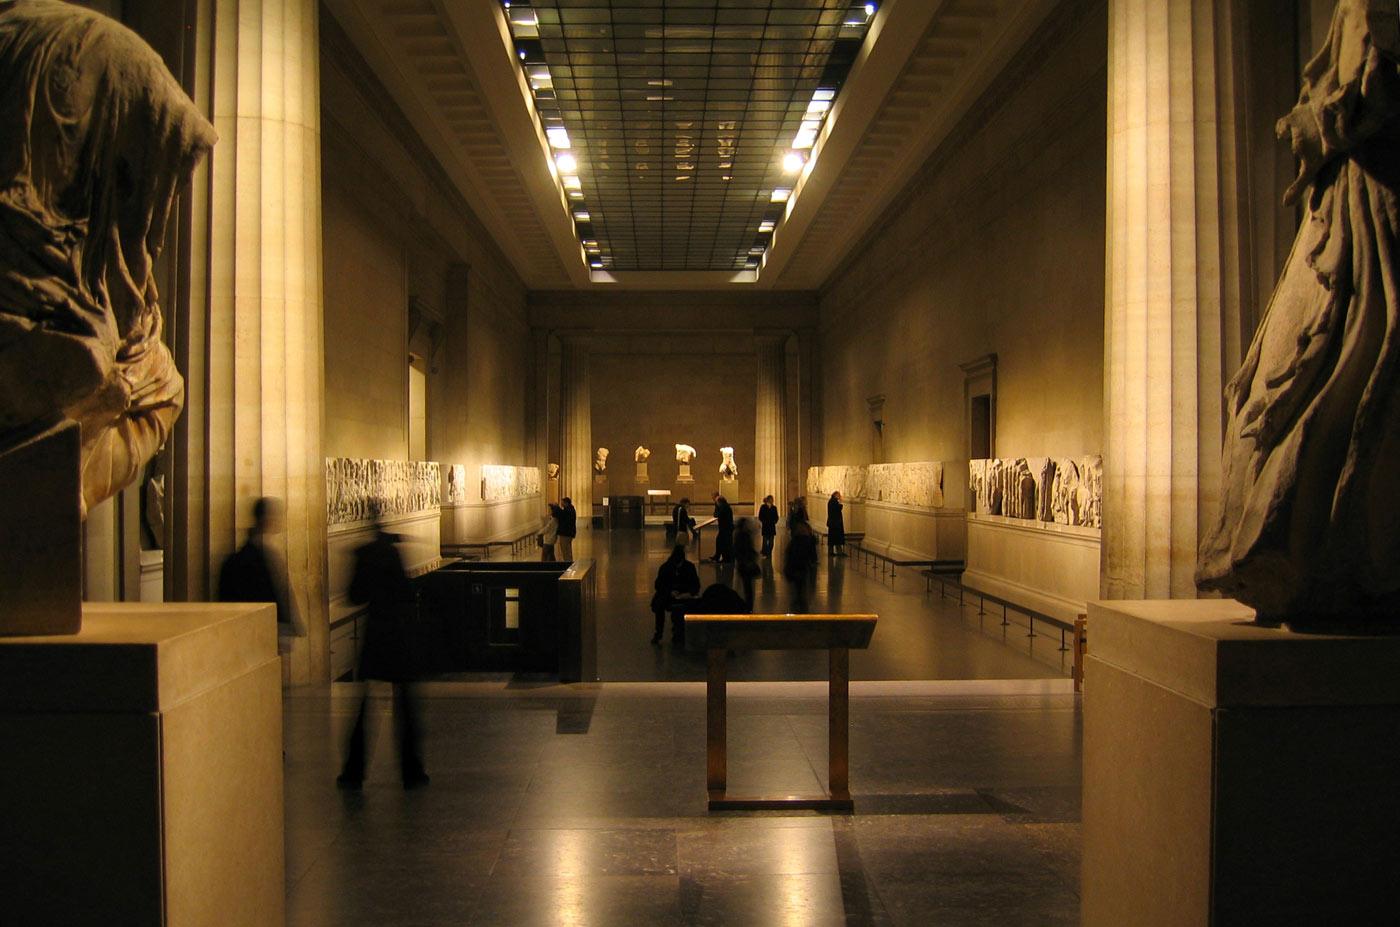 museo britanico partenon marbles